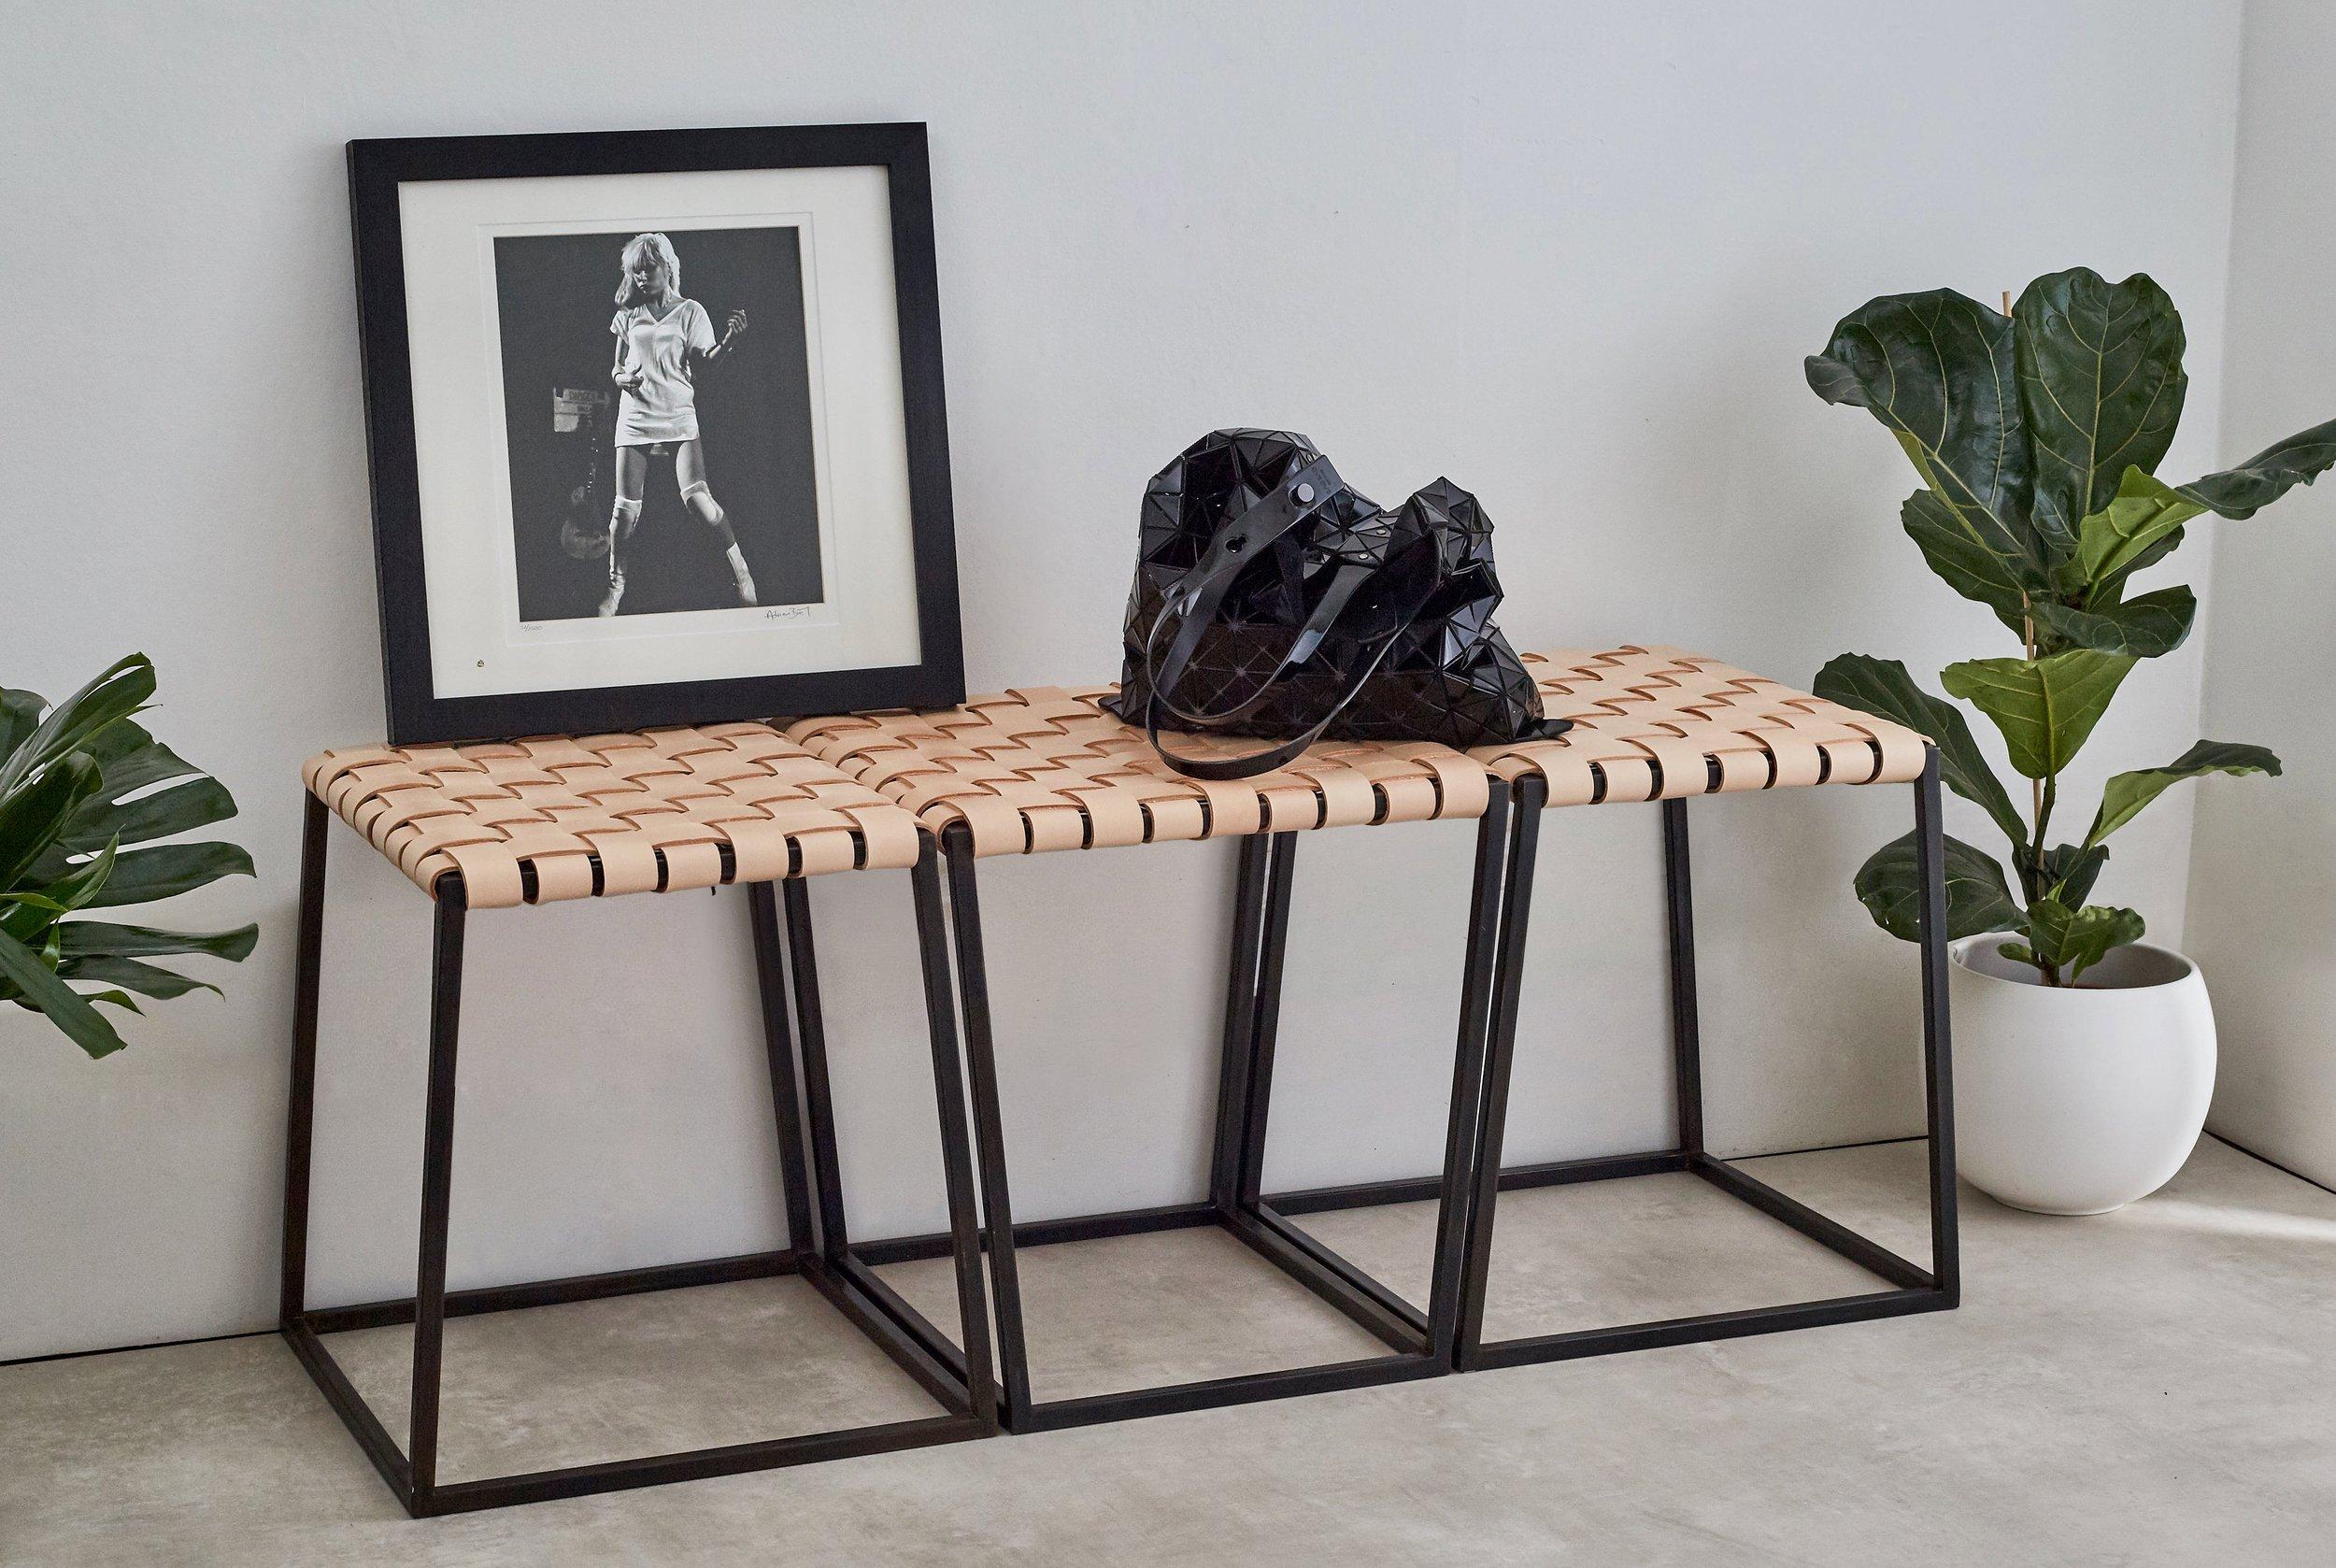 Alp Design - Leather Bench angle shot V2 high res (1).jpg